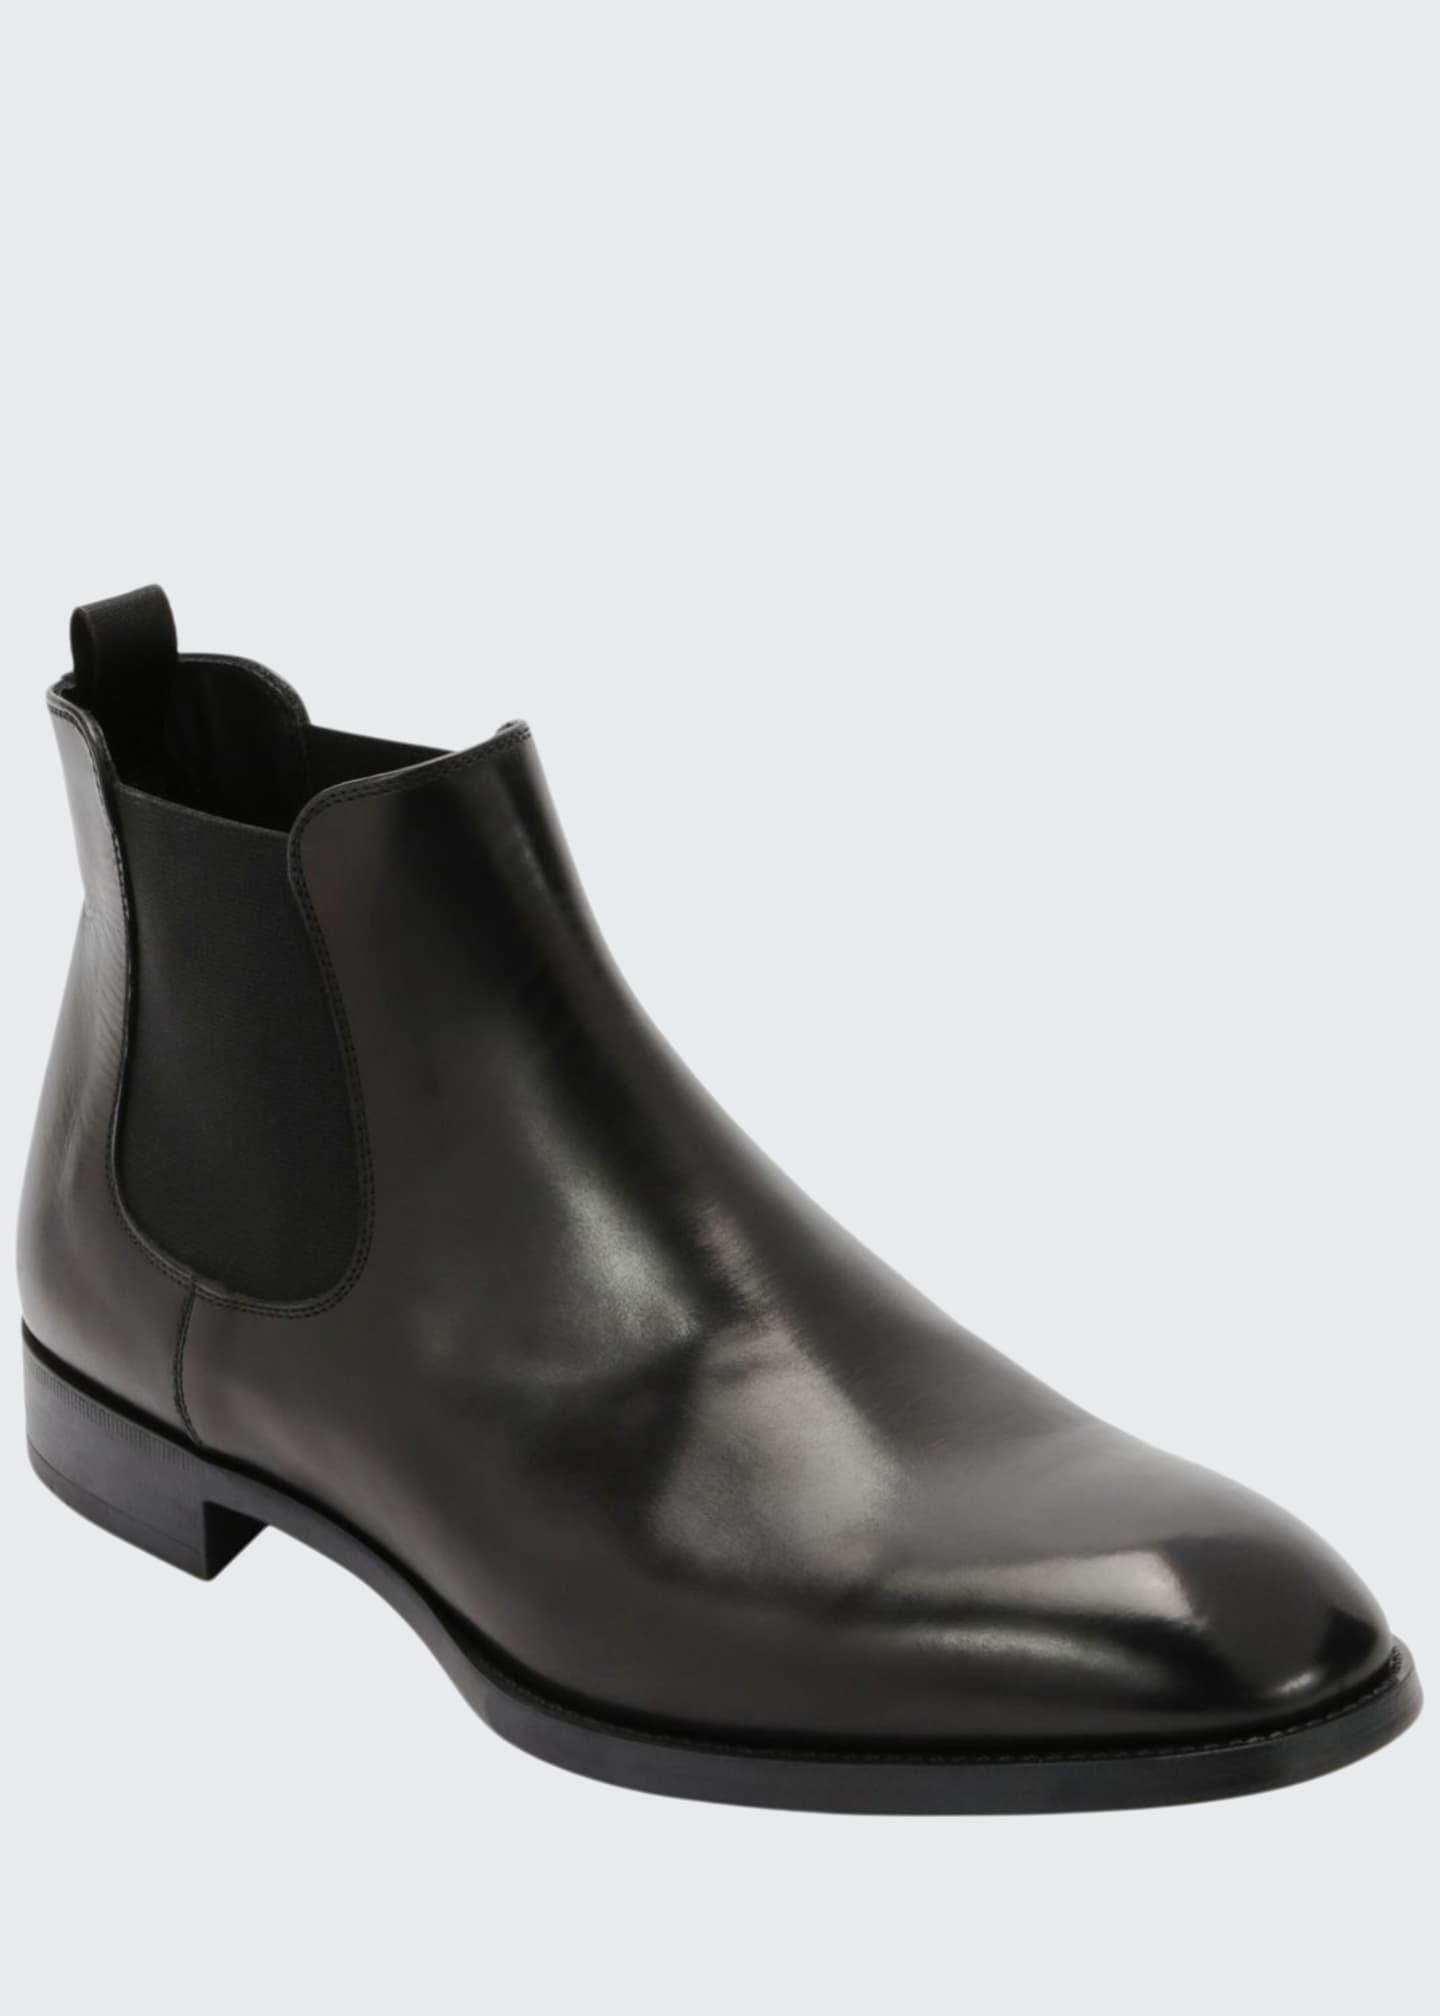 Giorgio Armani Gored Leather Chelsea Boot w/ Rubber